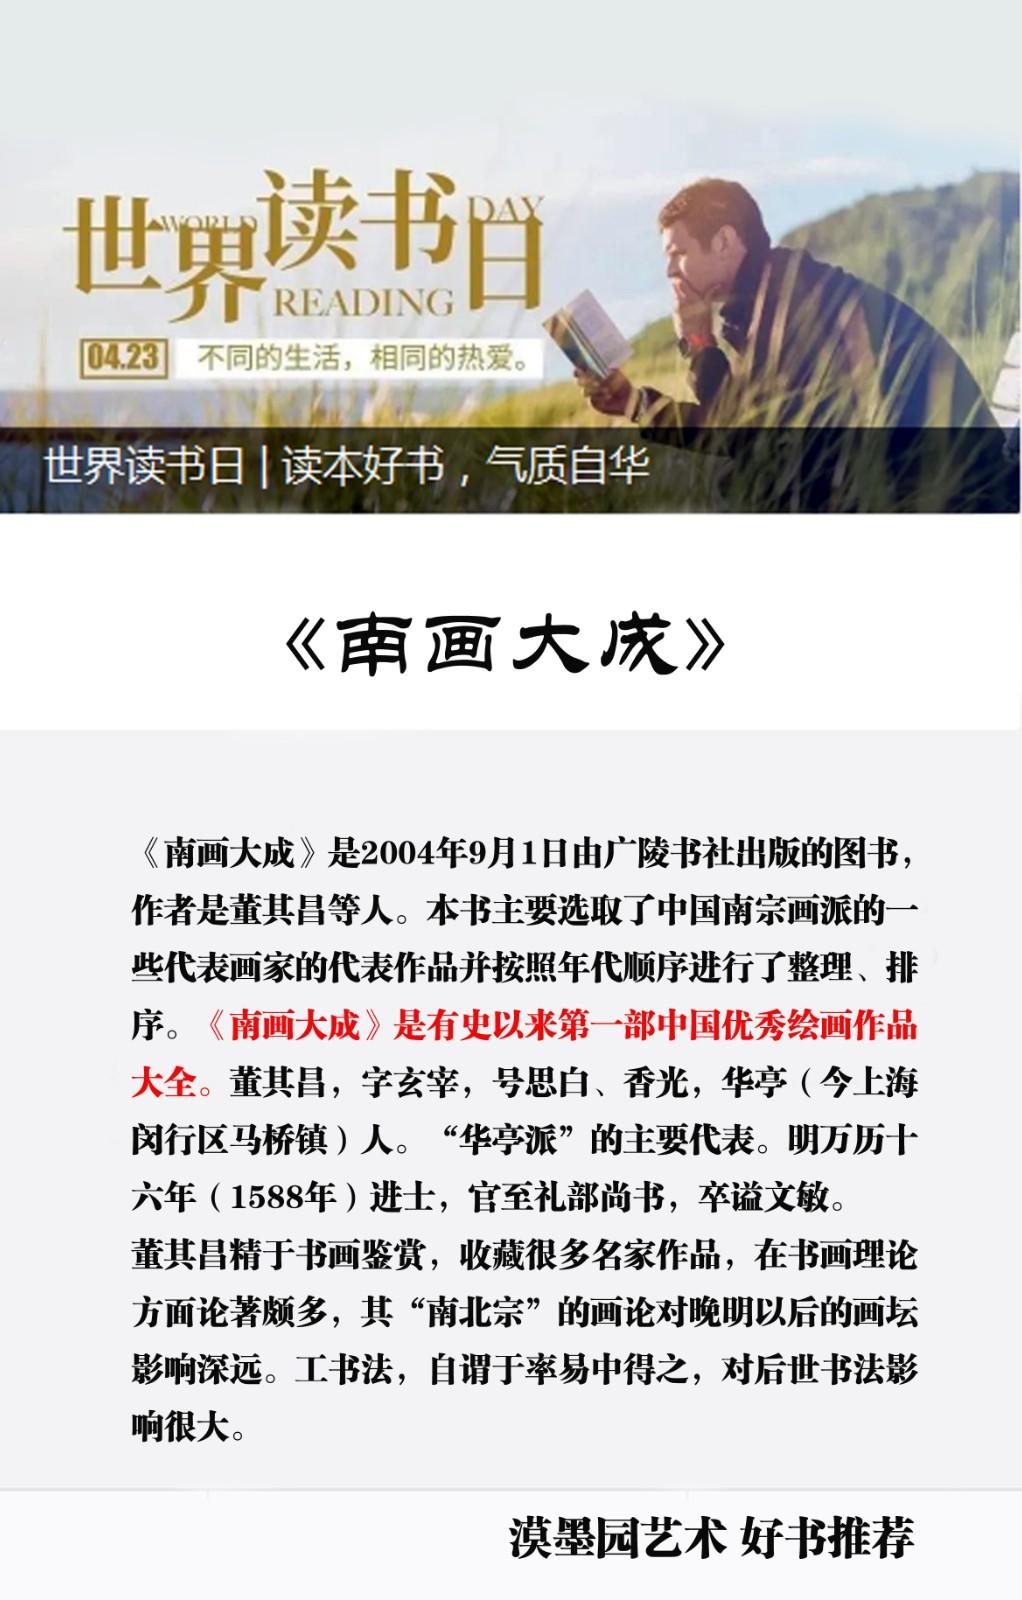 4 23国际读书日   漠墨园艺术好书推荐_图1-4